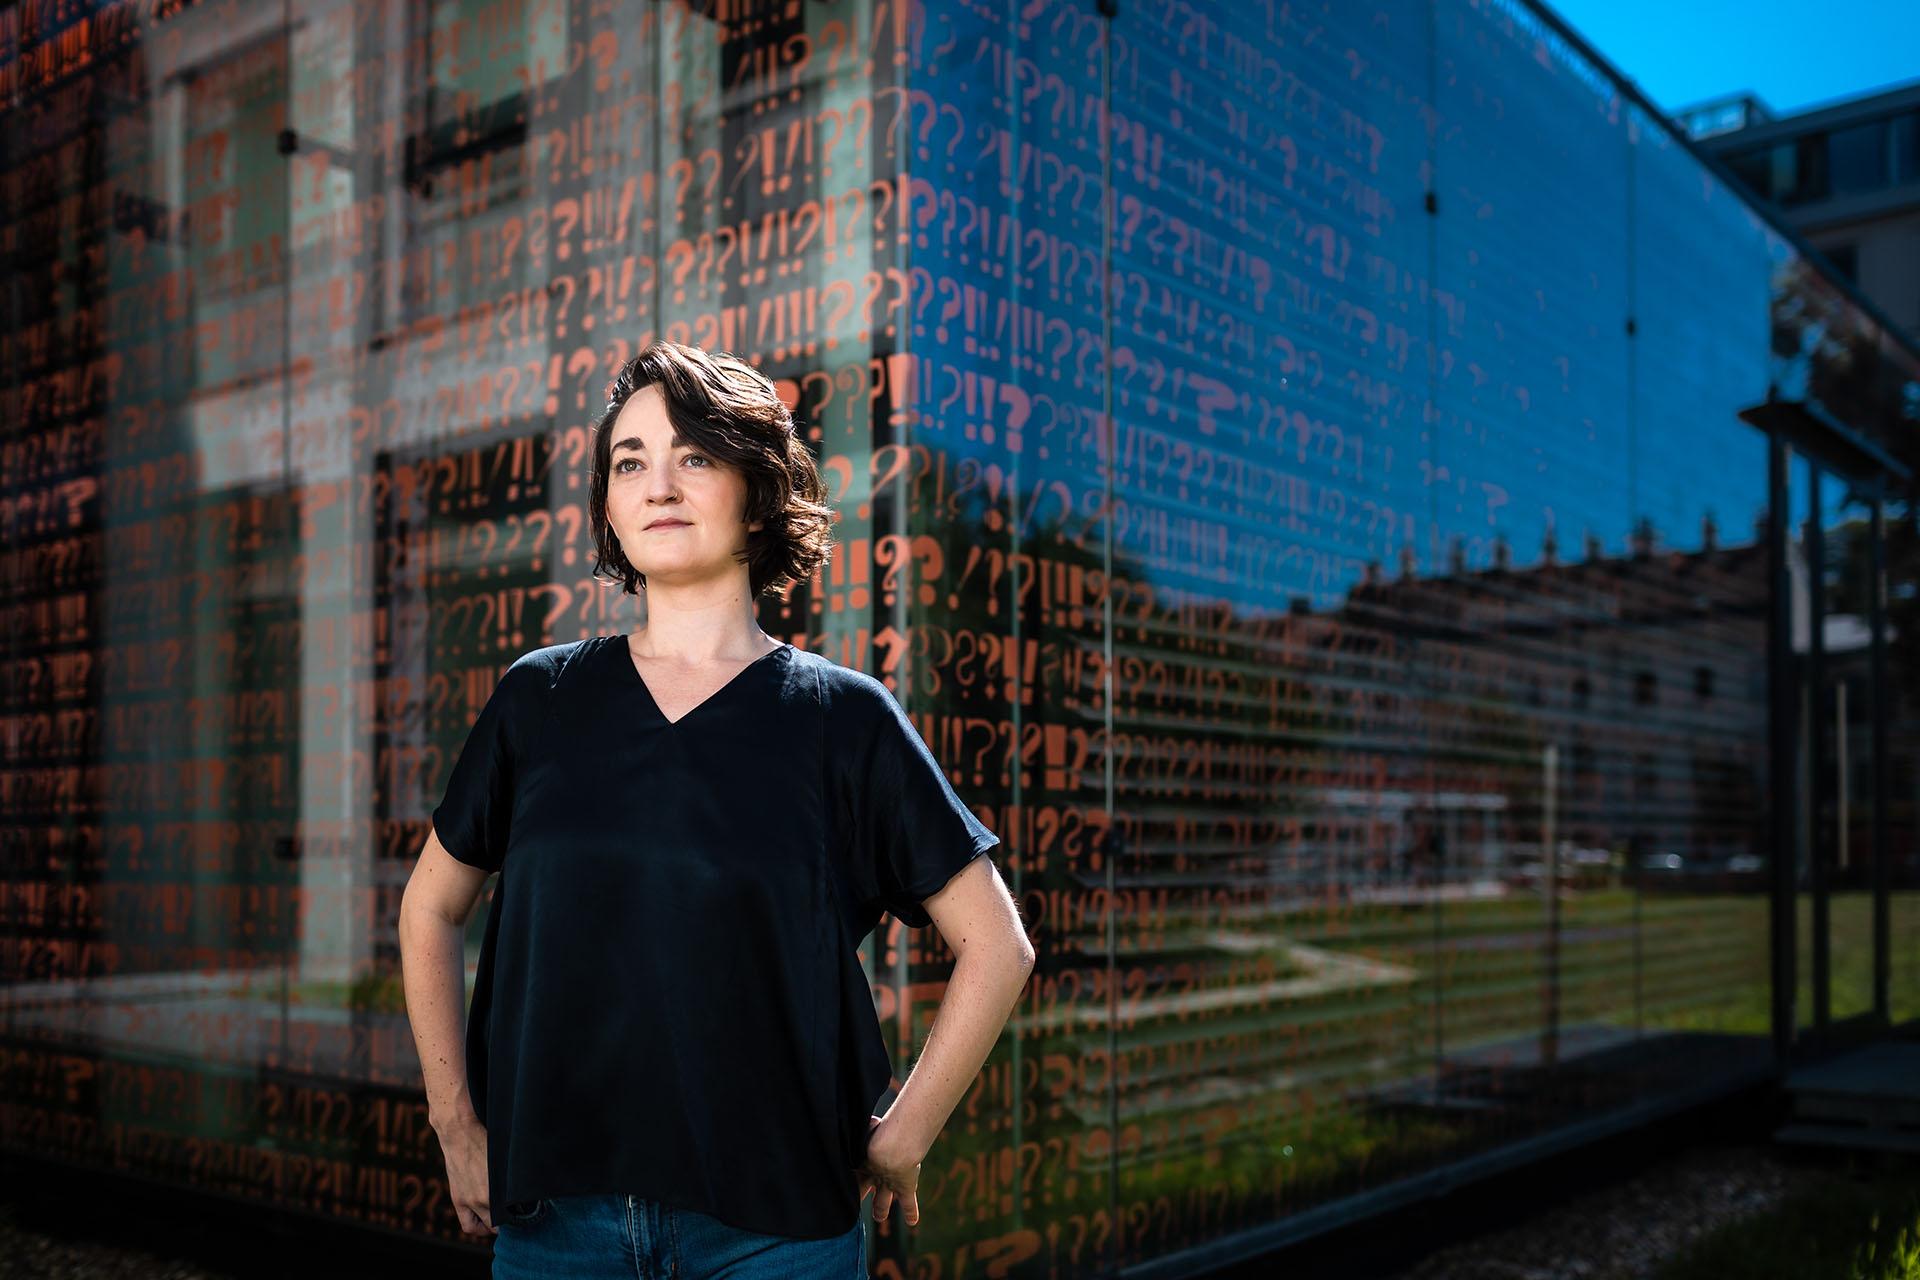 Franziska Disslbacher im Interview über die ungleiche Verteilung von Vermögen.